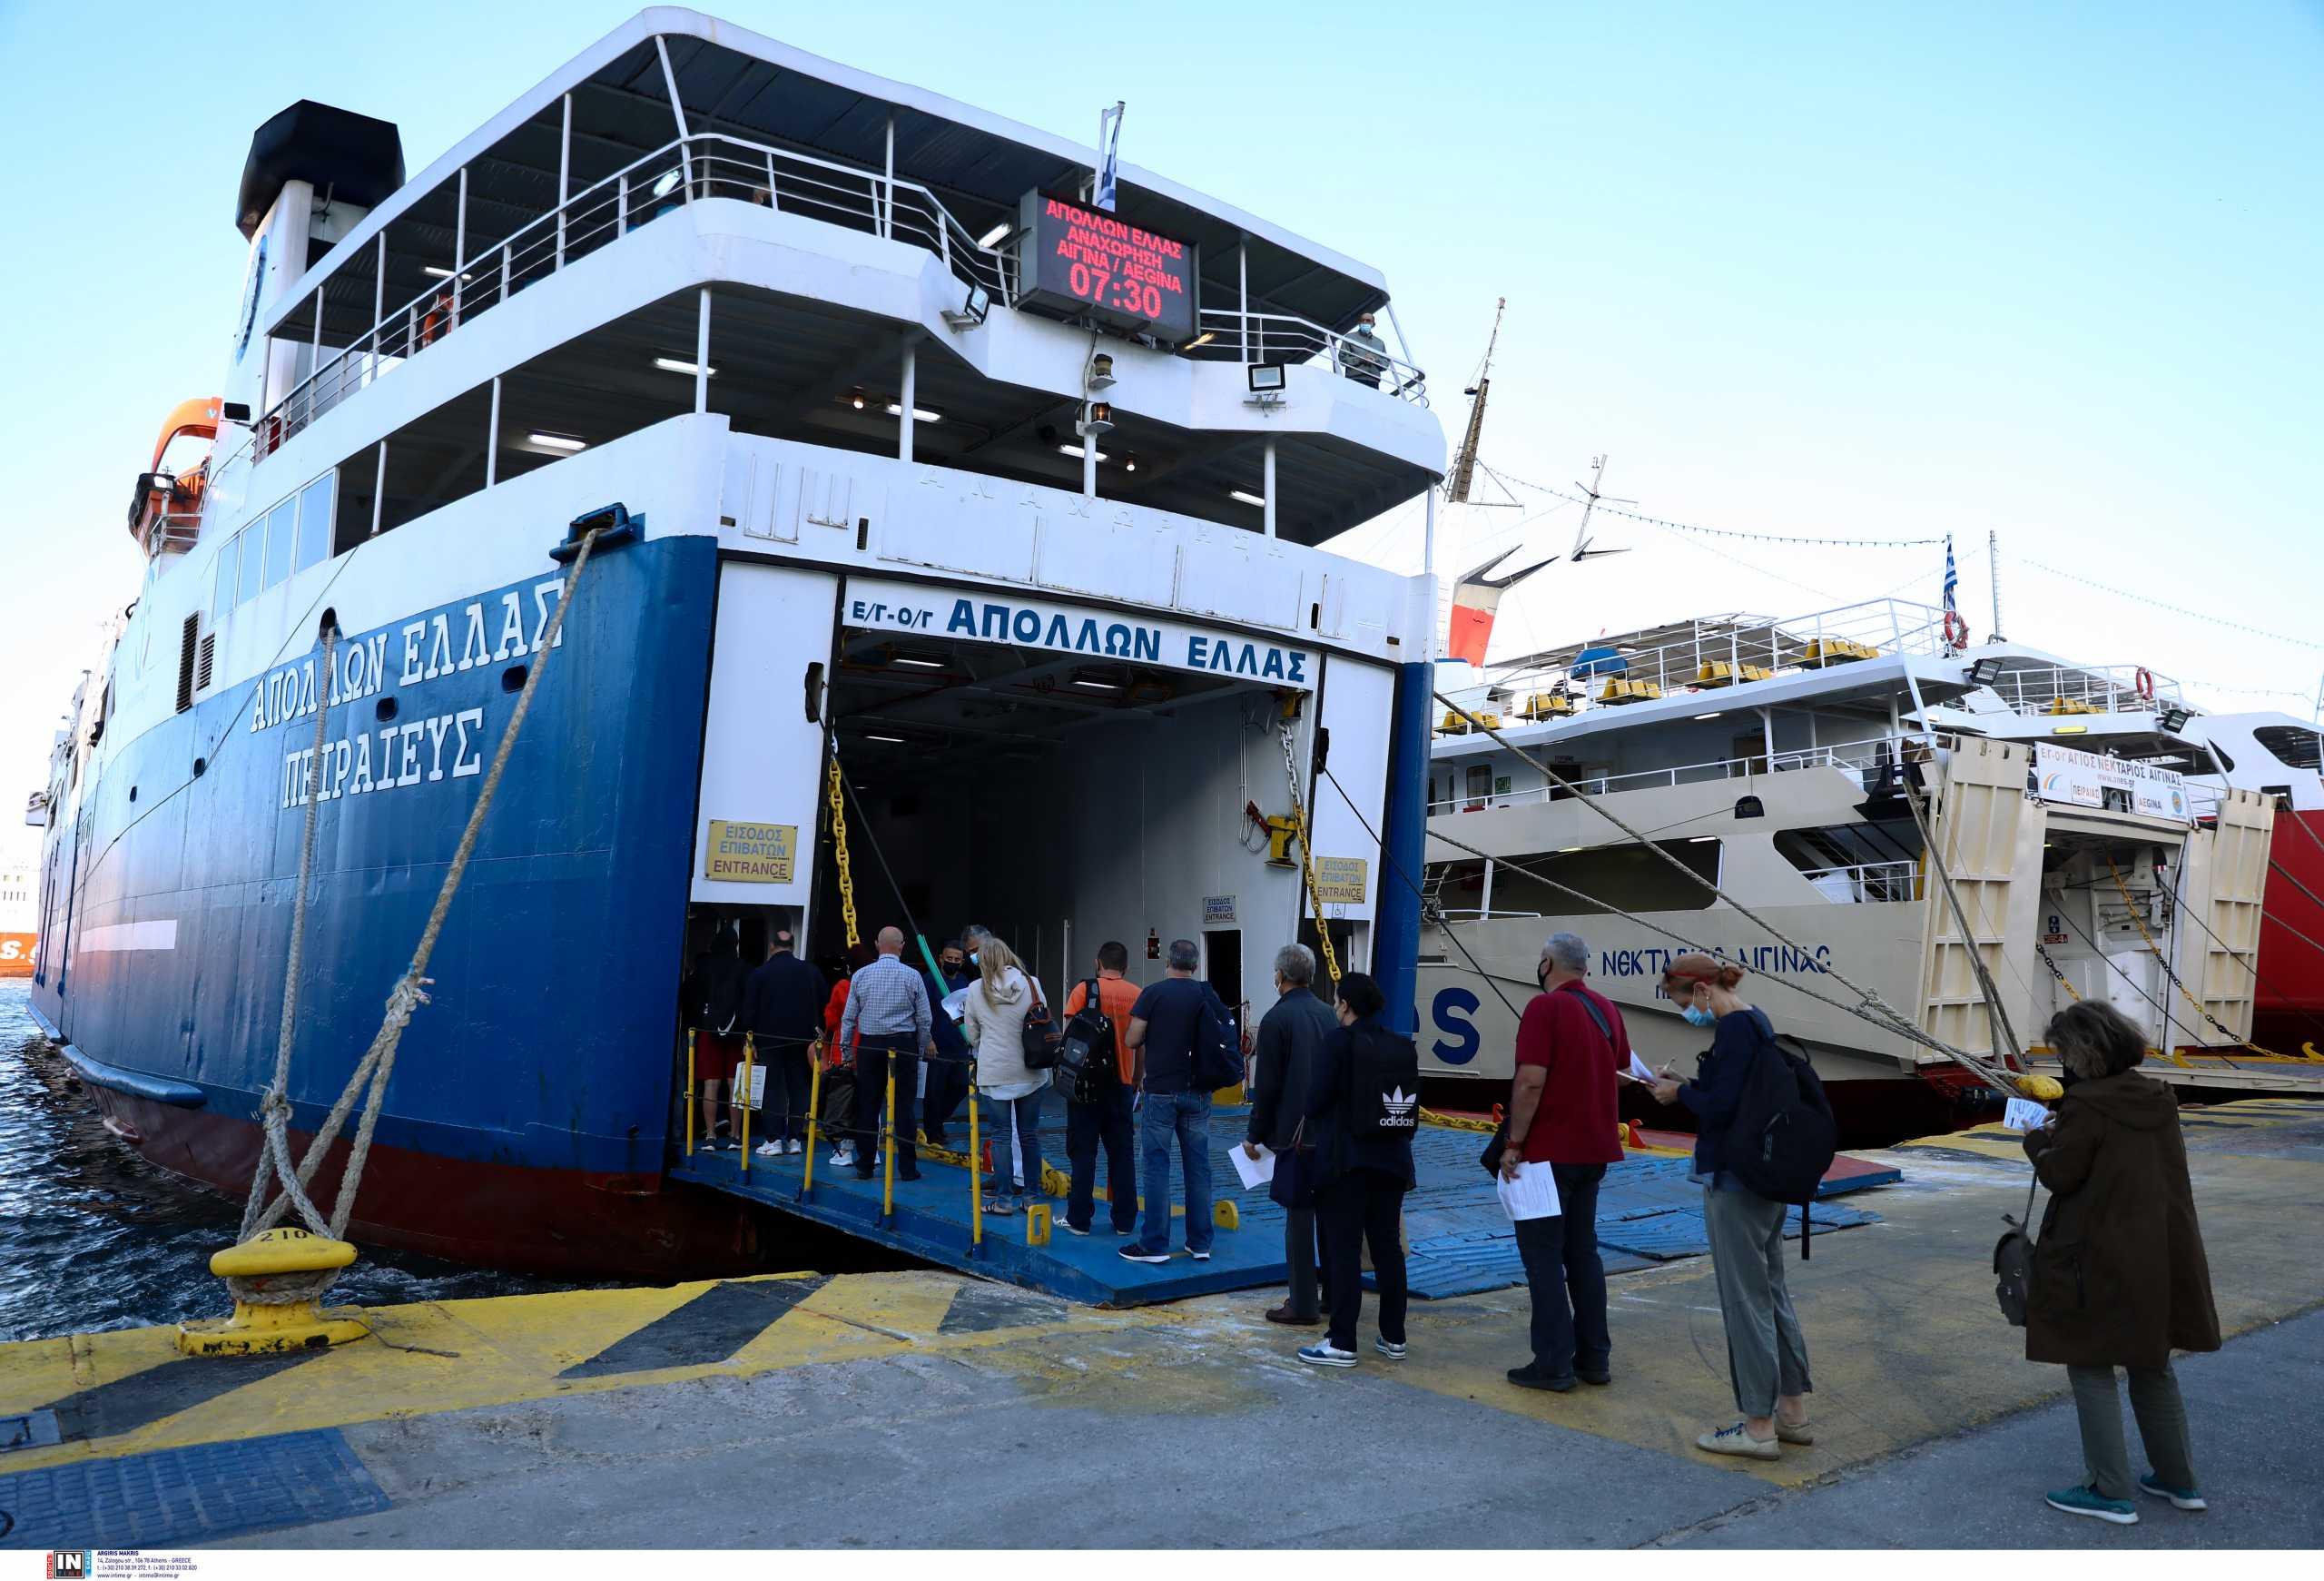 Αλλάζουν όλα στις μετακινήσεις προς νησιά με πλοία και αεροπλάνα από αύριο – Τι ισχύει στη διασκέδαση